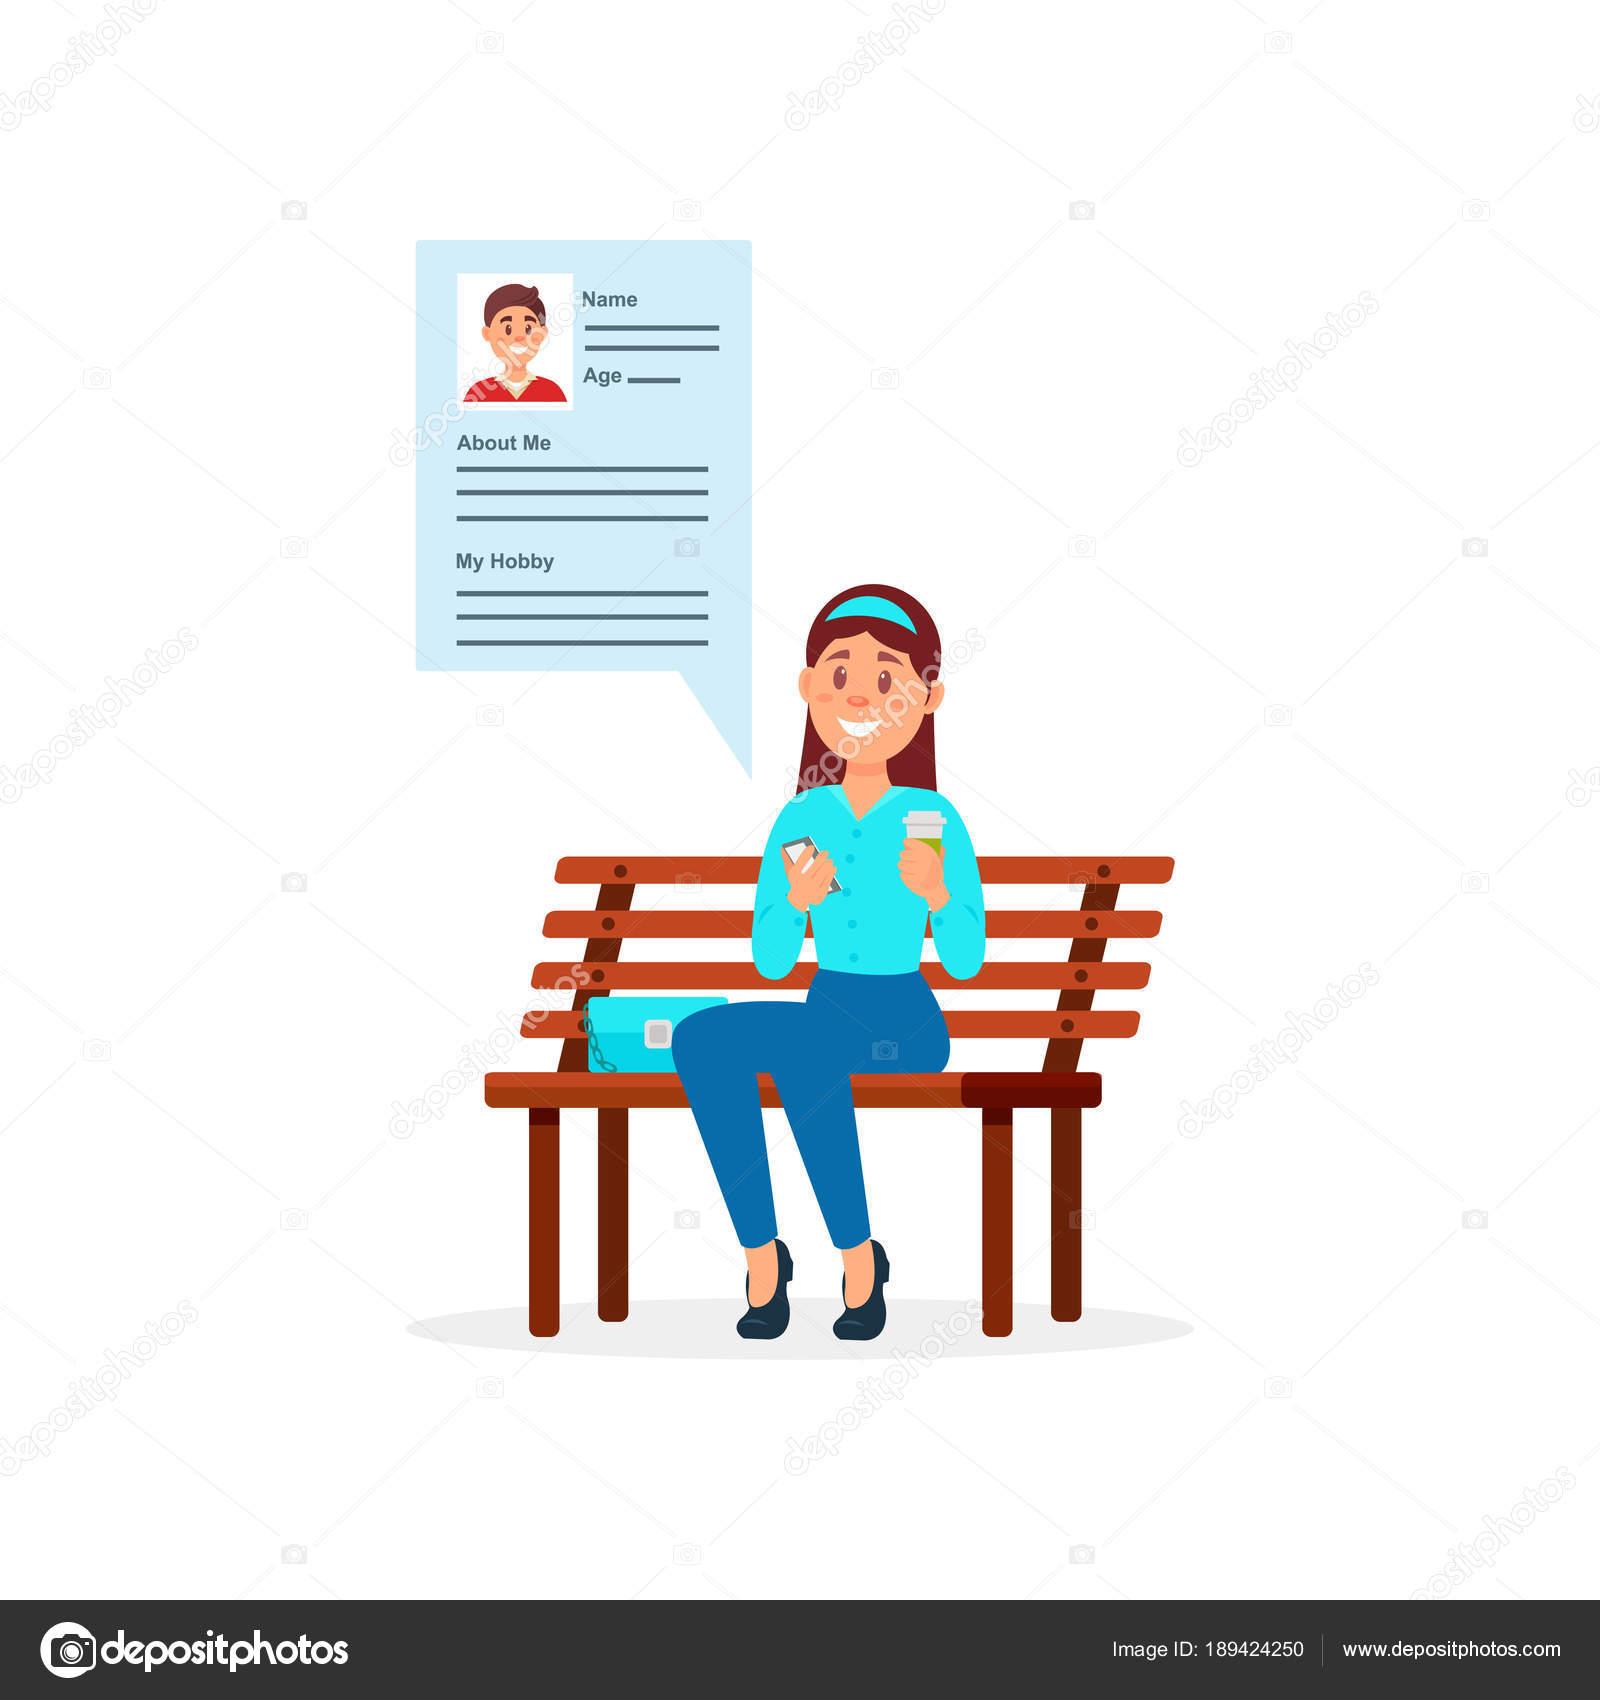 veselé profily online datování